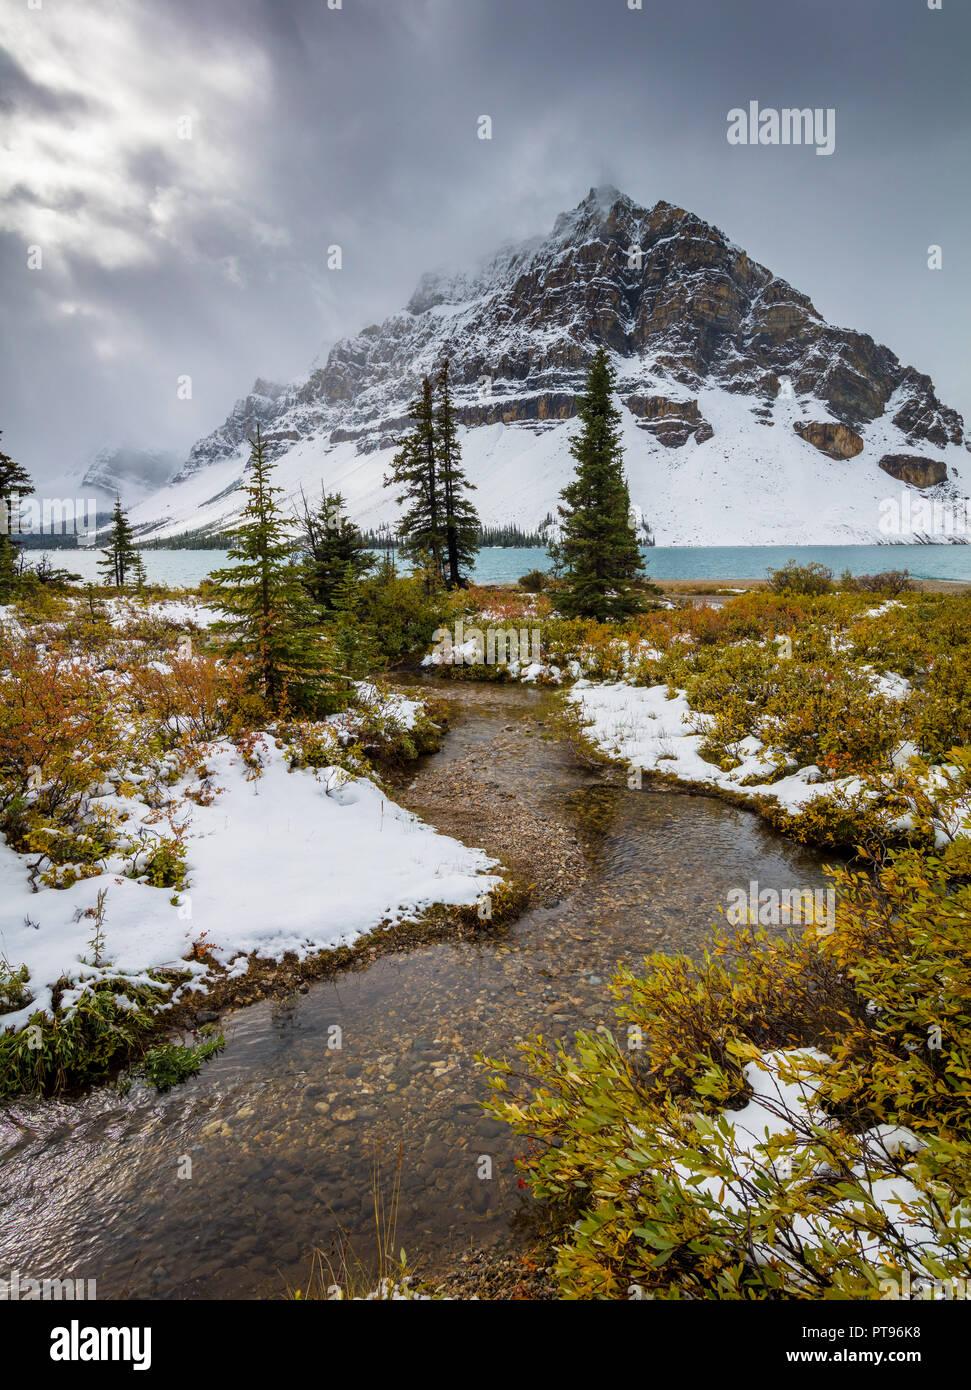 Bow Lake ist ein See im westlichen Alberta, Kanada. Es ist auf dem Bow River gelegen, in die kanadischen Rocky Mountains, auf einer Höhe von 1920 m. Der See liegt Stockbild